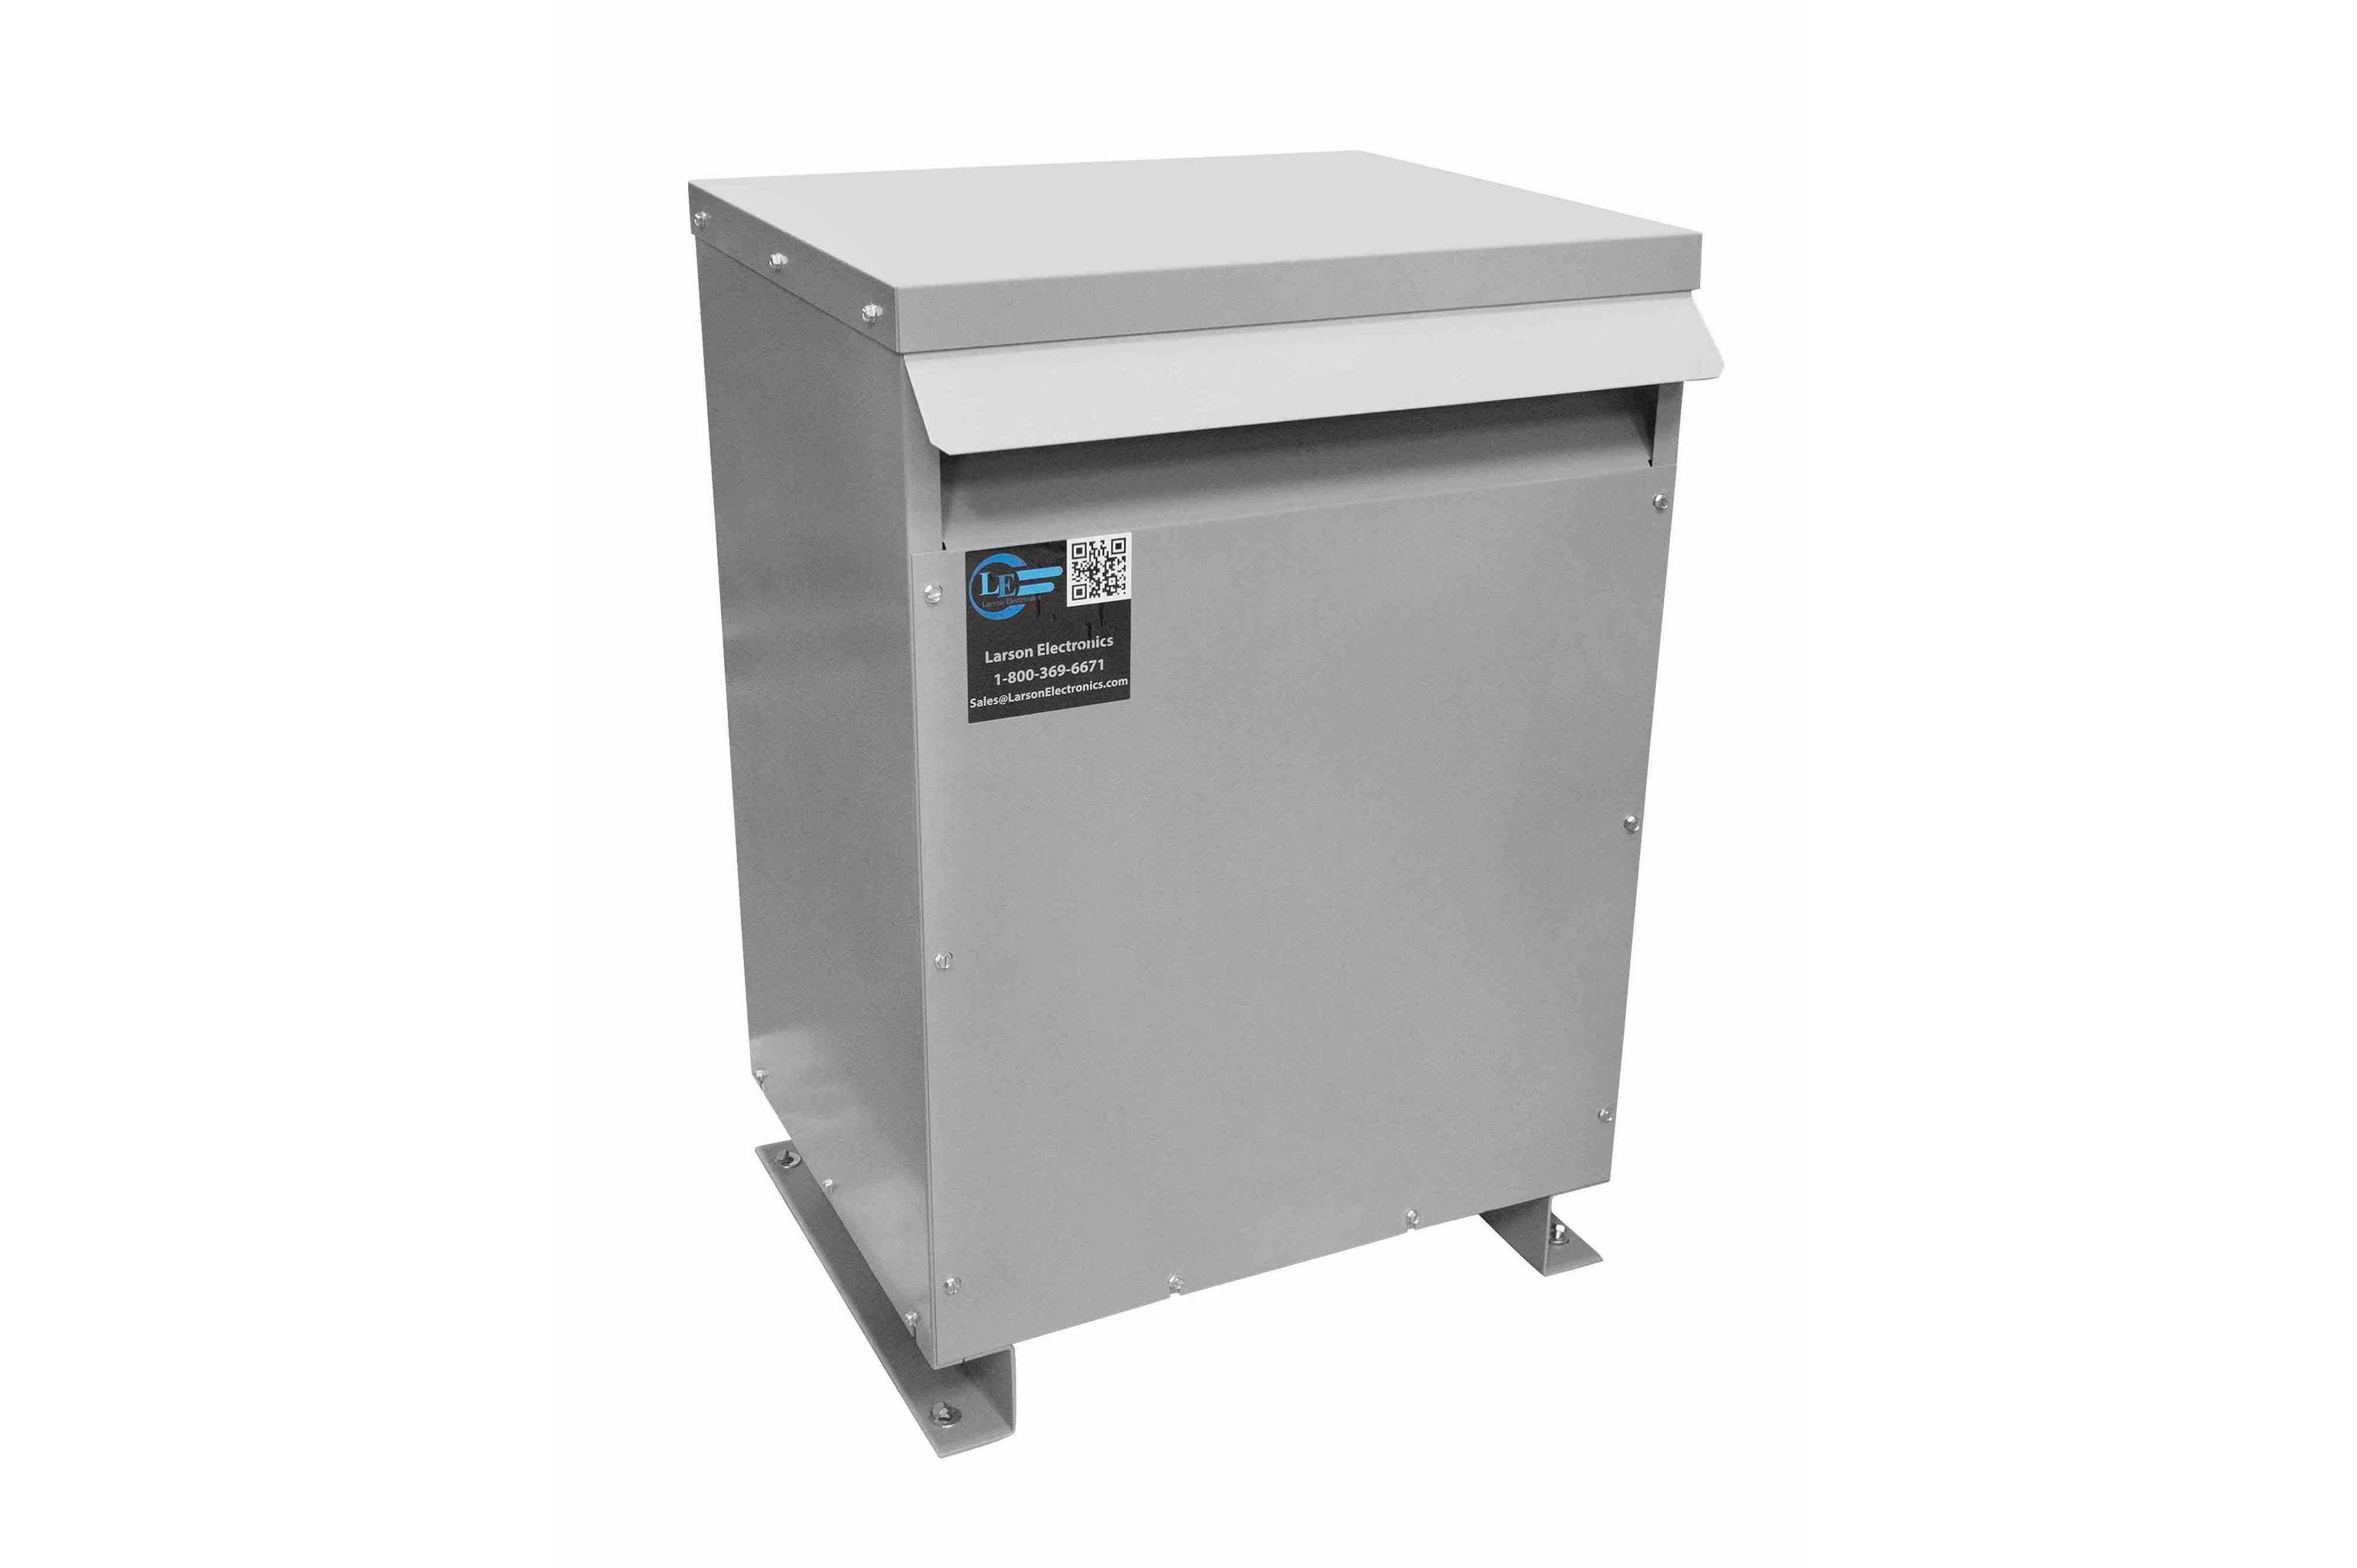 50 kVA 3PH DOE Transformer, 208V Delta Primary, 240V/120 Delta Secondary, N3R, Ventilated, 60 Hz